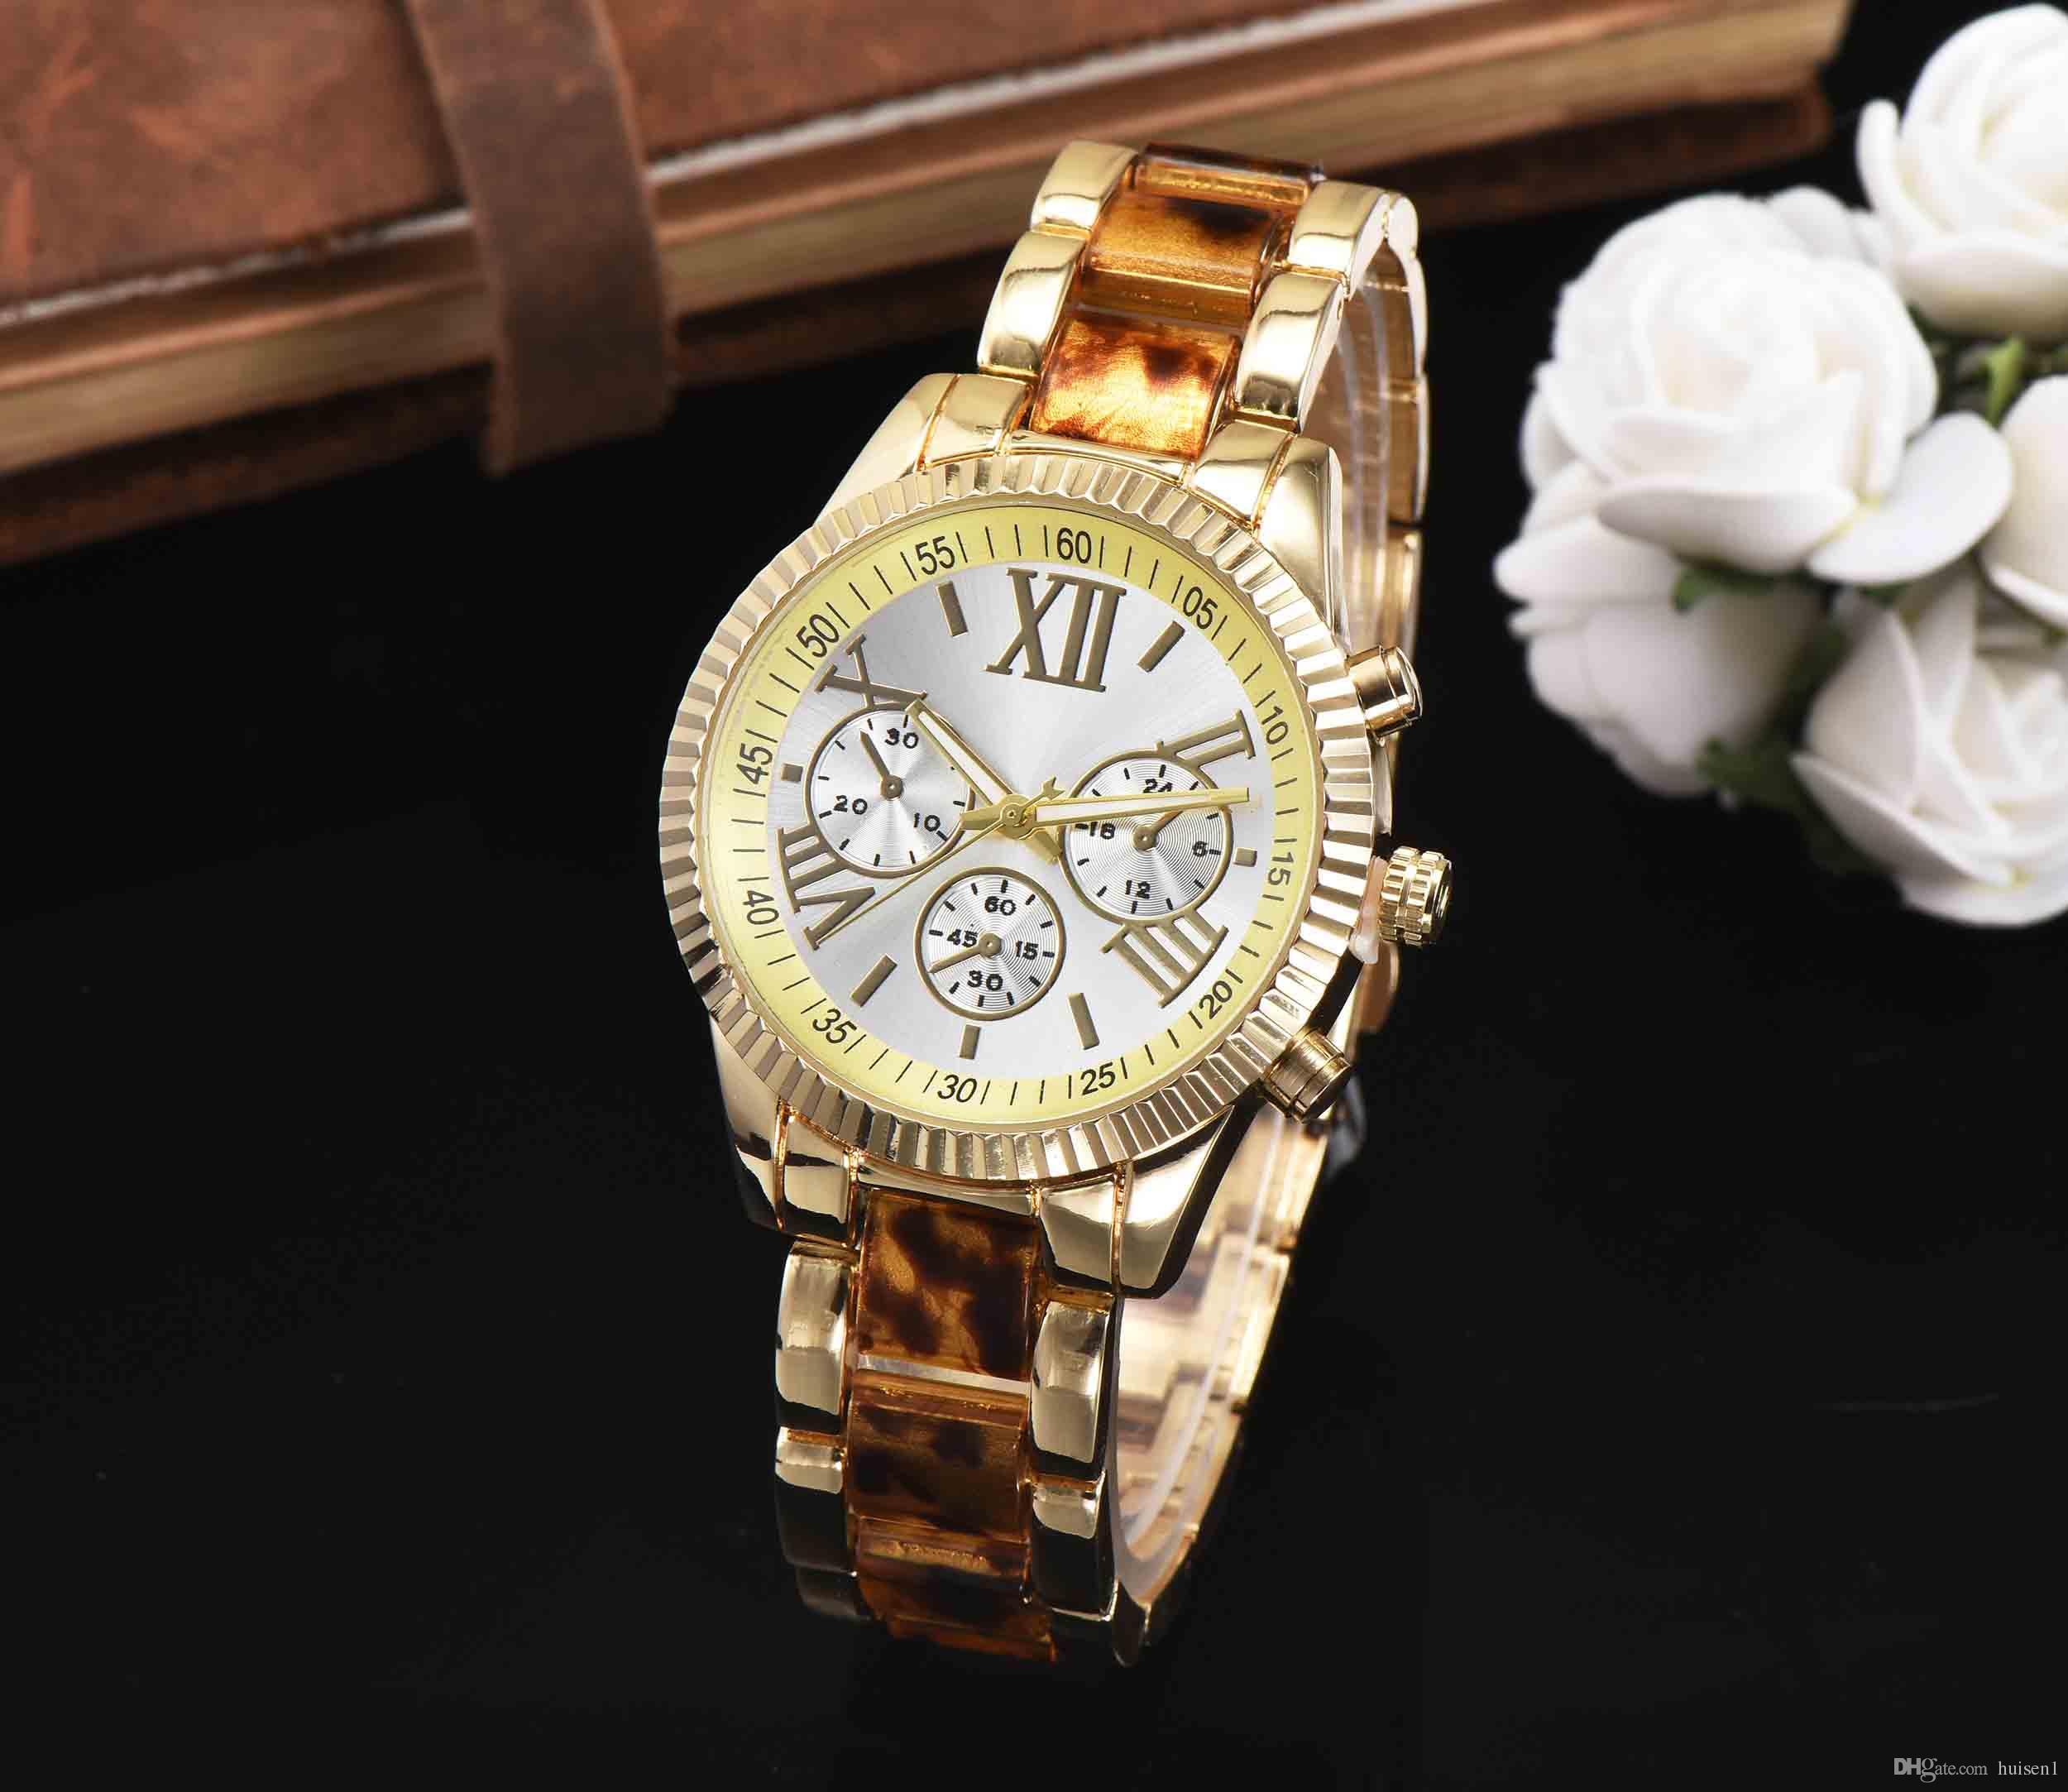 e1b12ebe0b3 Compre Famosa Marca De Moda Casual Relógio De Pulso 2017 EUA Marcas De Luxo Mulheres  Relógios Senhoras Rosa De Ouro De Quartzo Relógios Montre Femme De ...